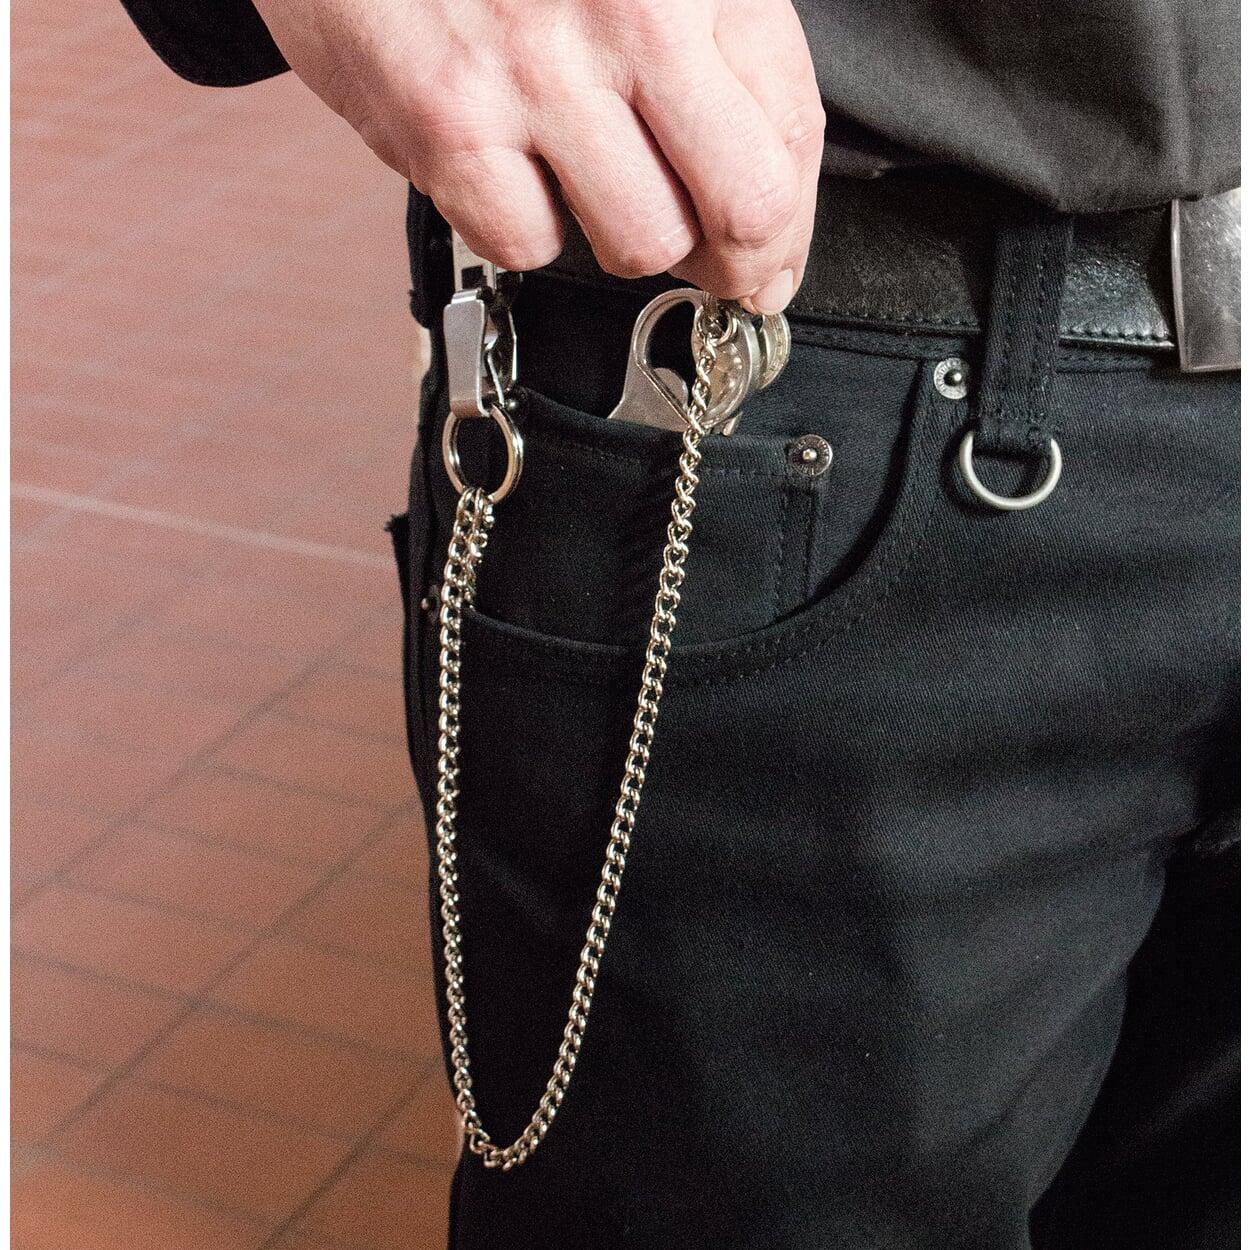 Zweifach-Schlüsselkette mit Gürtelclip